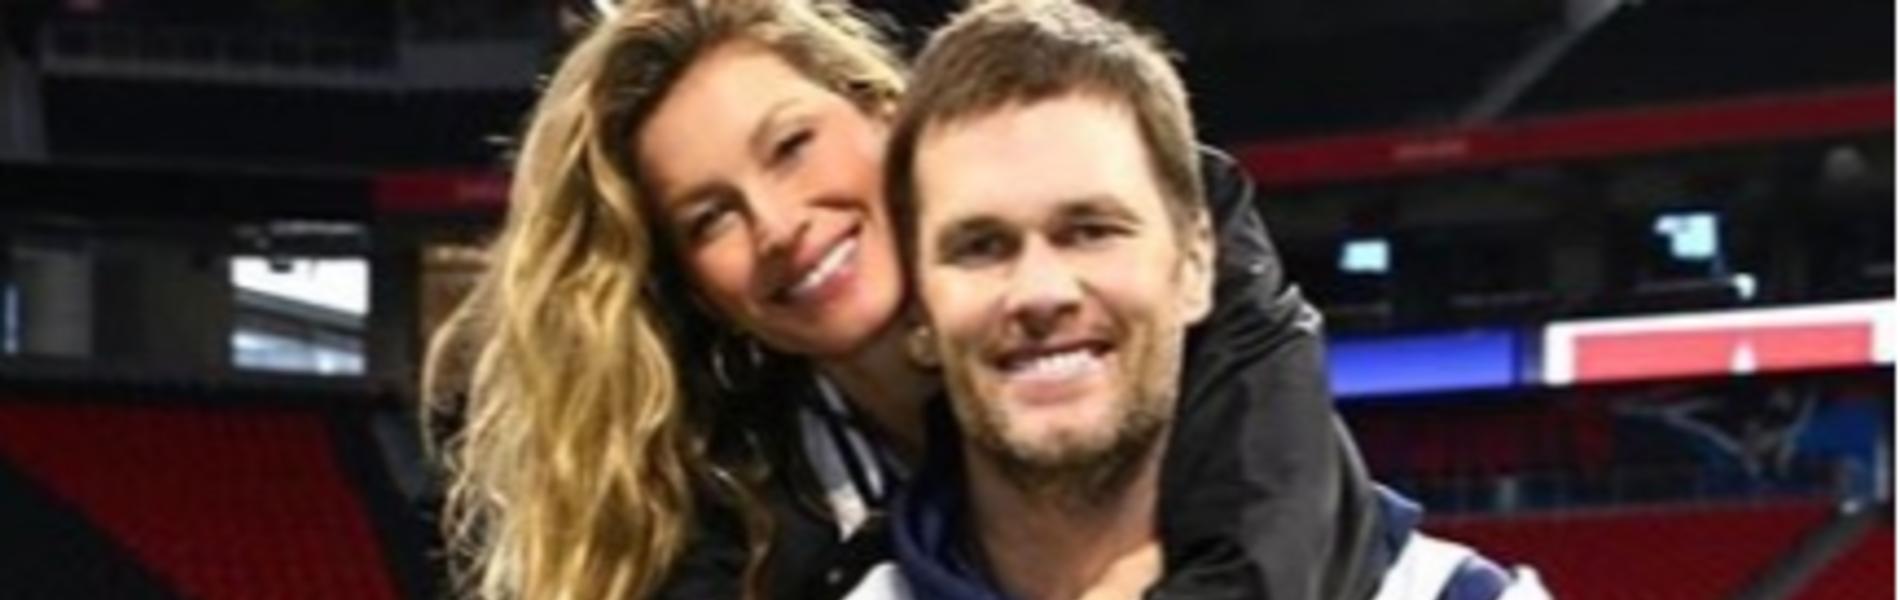 לא רק ג'יזל בסופרבול: איך הפך המעוז הגברי לחגיגה לכל המשפחה?